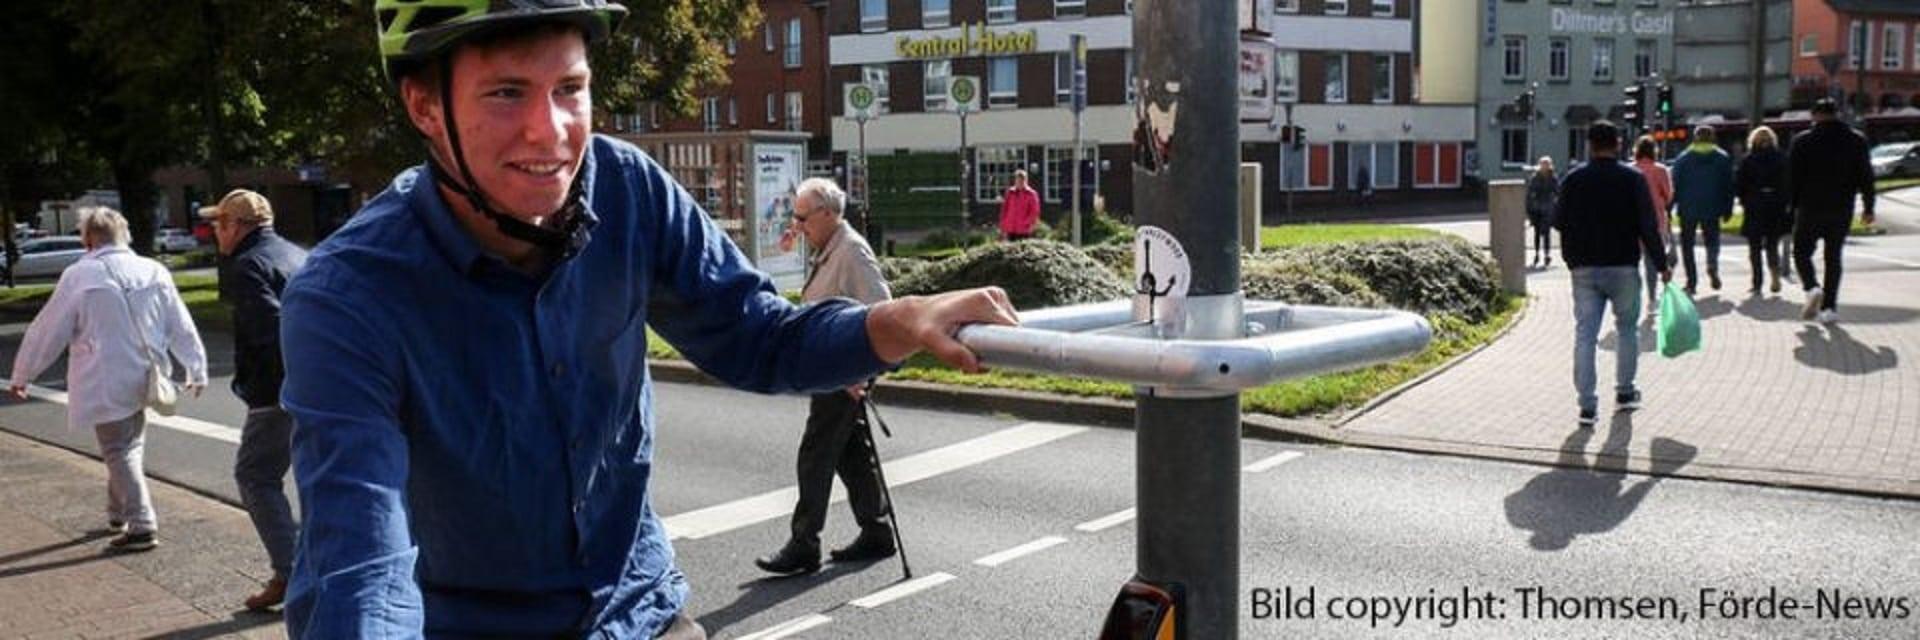 Anhalten ohne Abzusteigen: Halteringe für Radfahrer in Flensburg